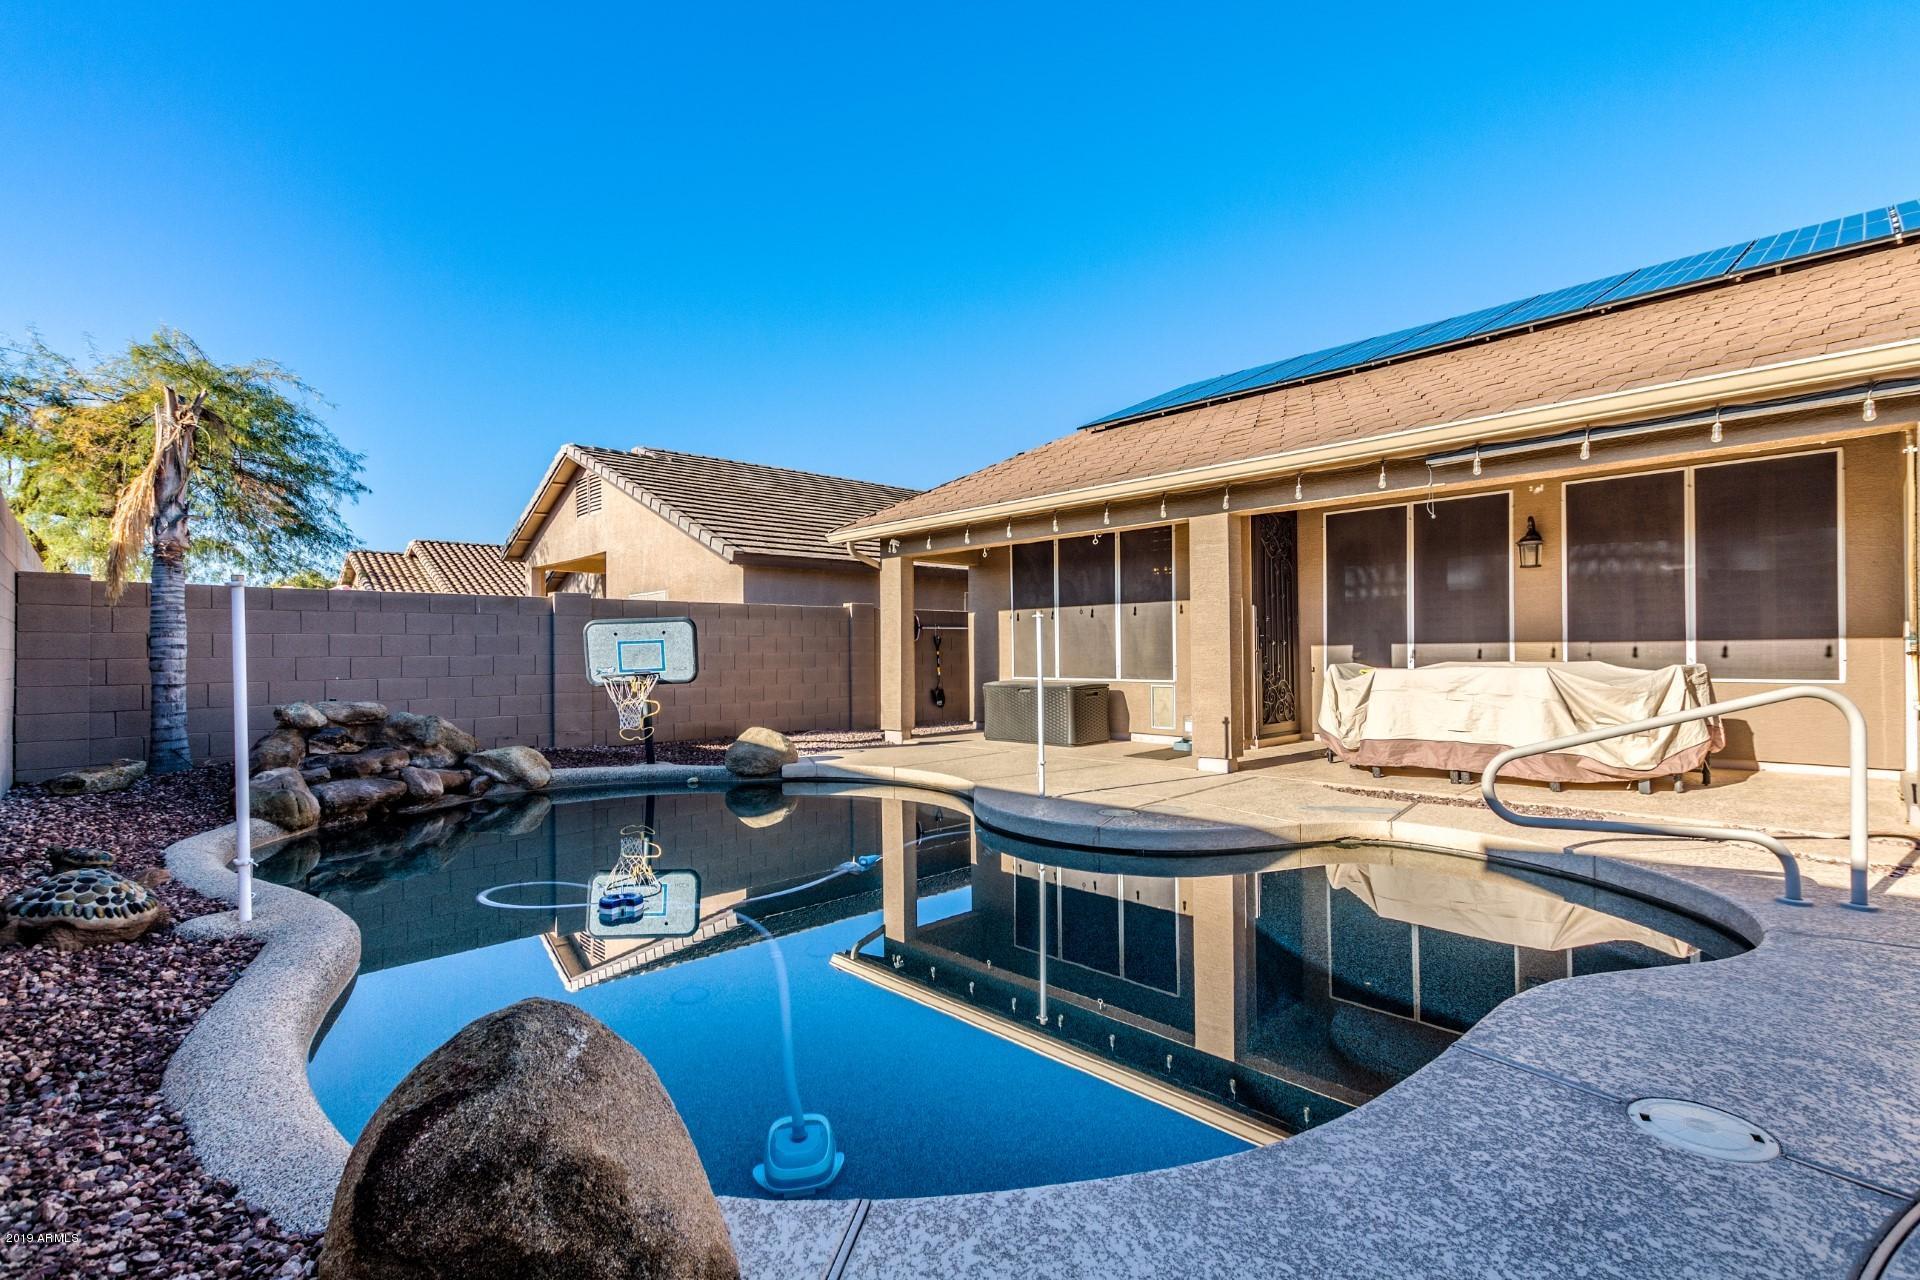 MLS 5865572 3473 S JOSHUA TREE Lane, Gilbert, AZ 85297 Gilbert AZ San Tan Ranch